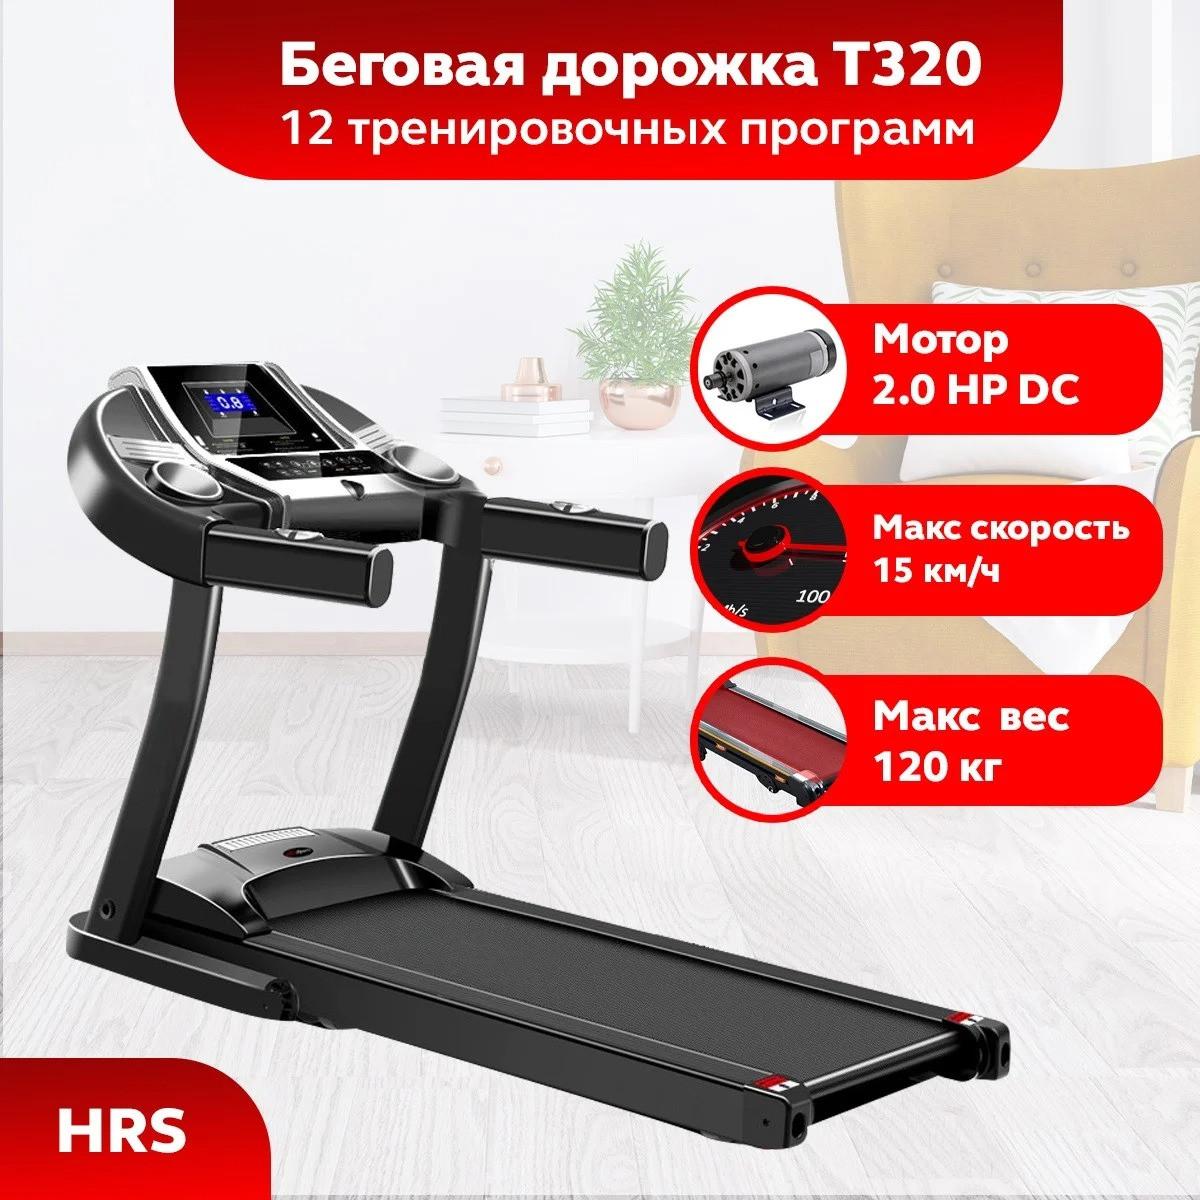 Электрическая беговая дорожка HRS T320 для дома и спортзала